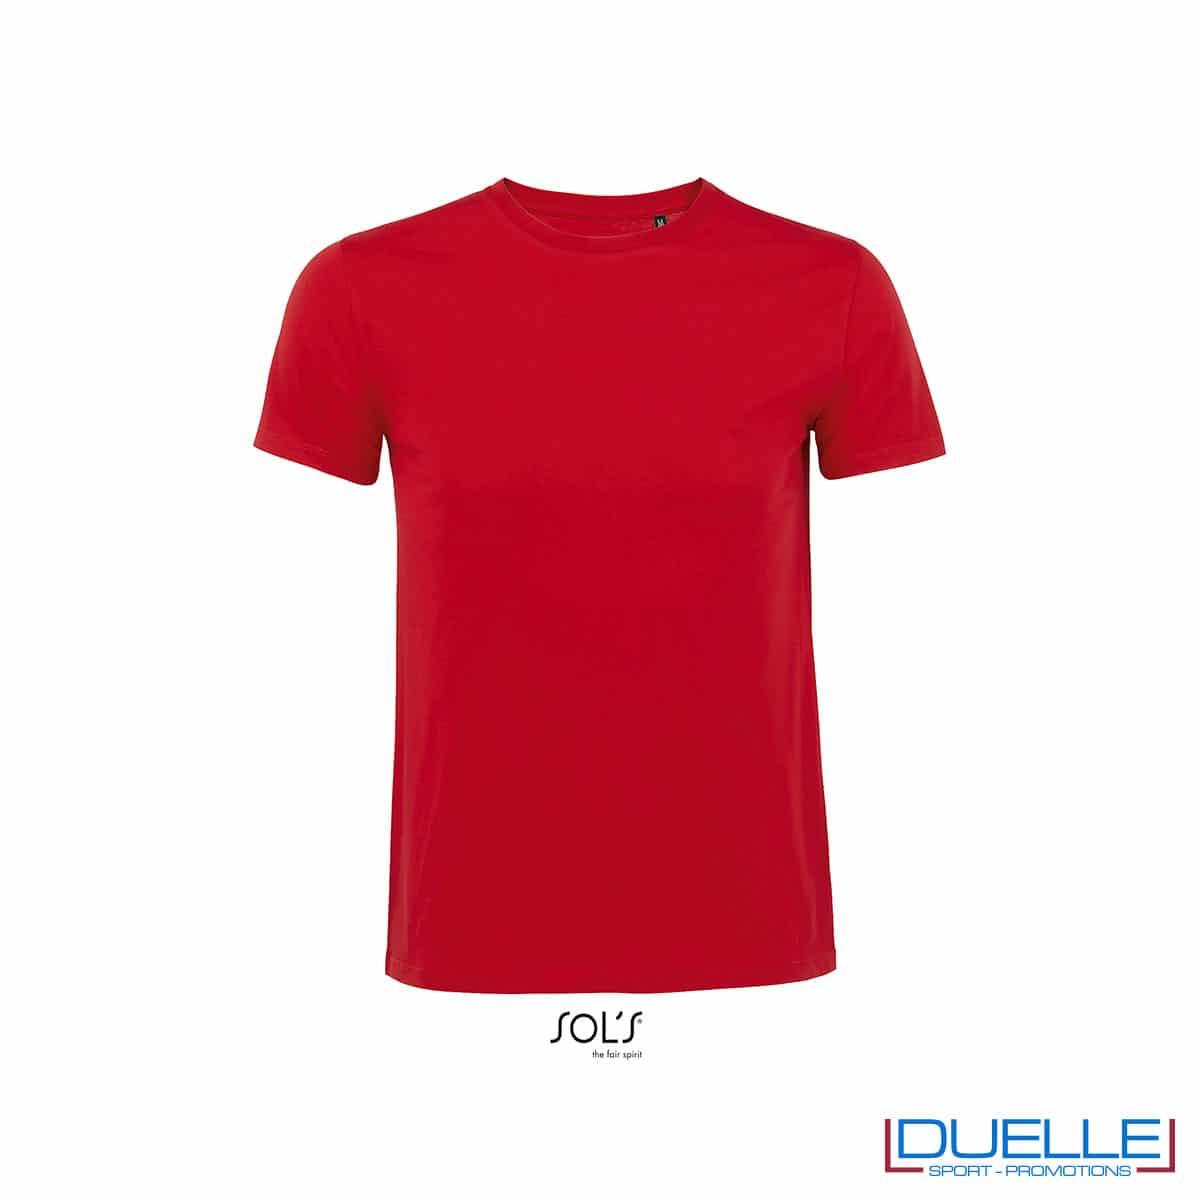 T-shirt 100% cotone biologico colore rosso personalizzata con il tuo logo